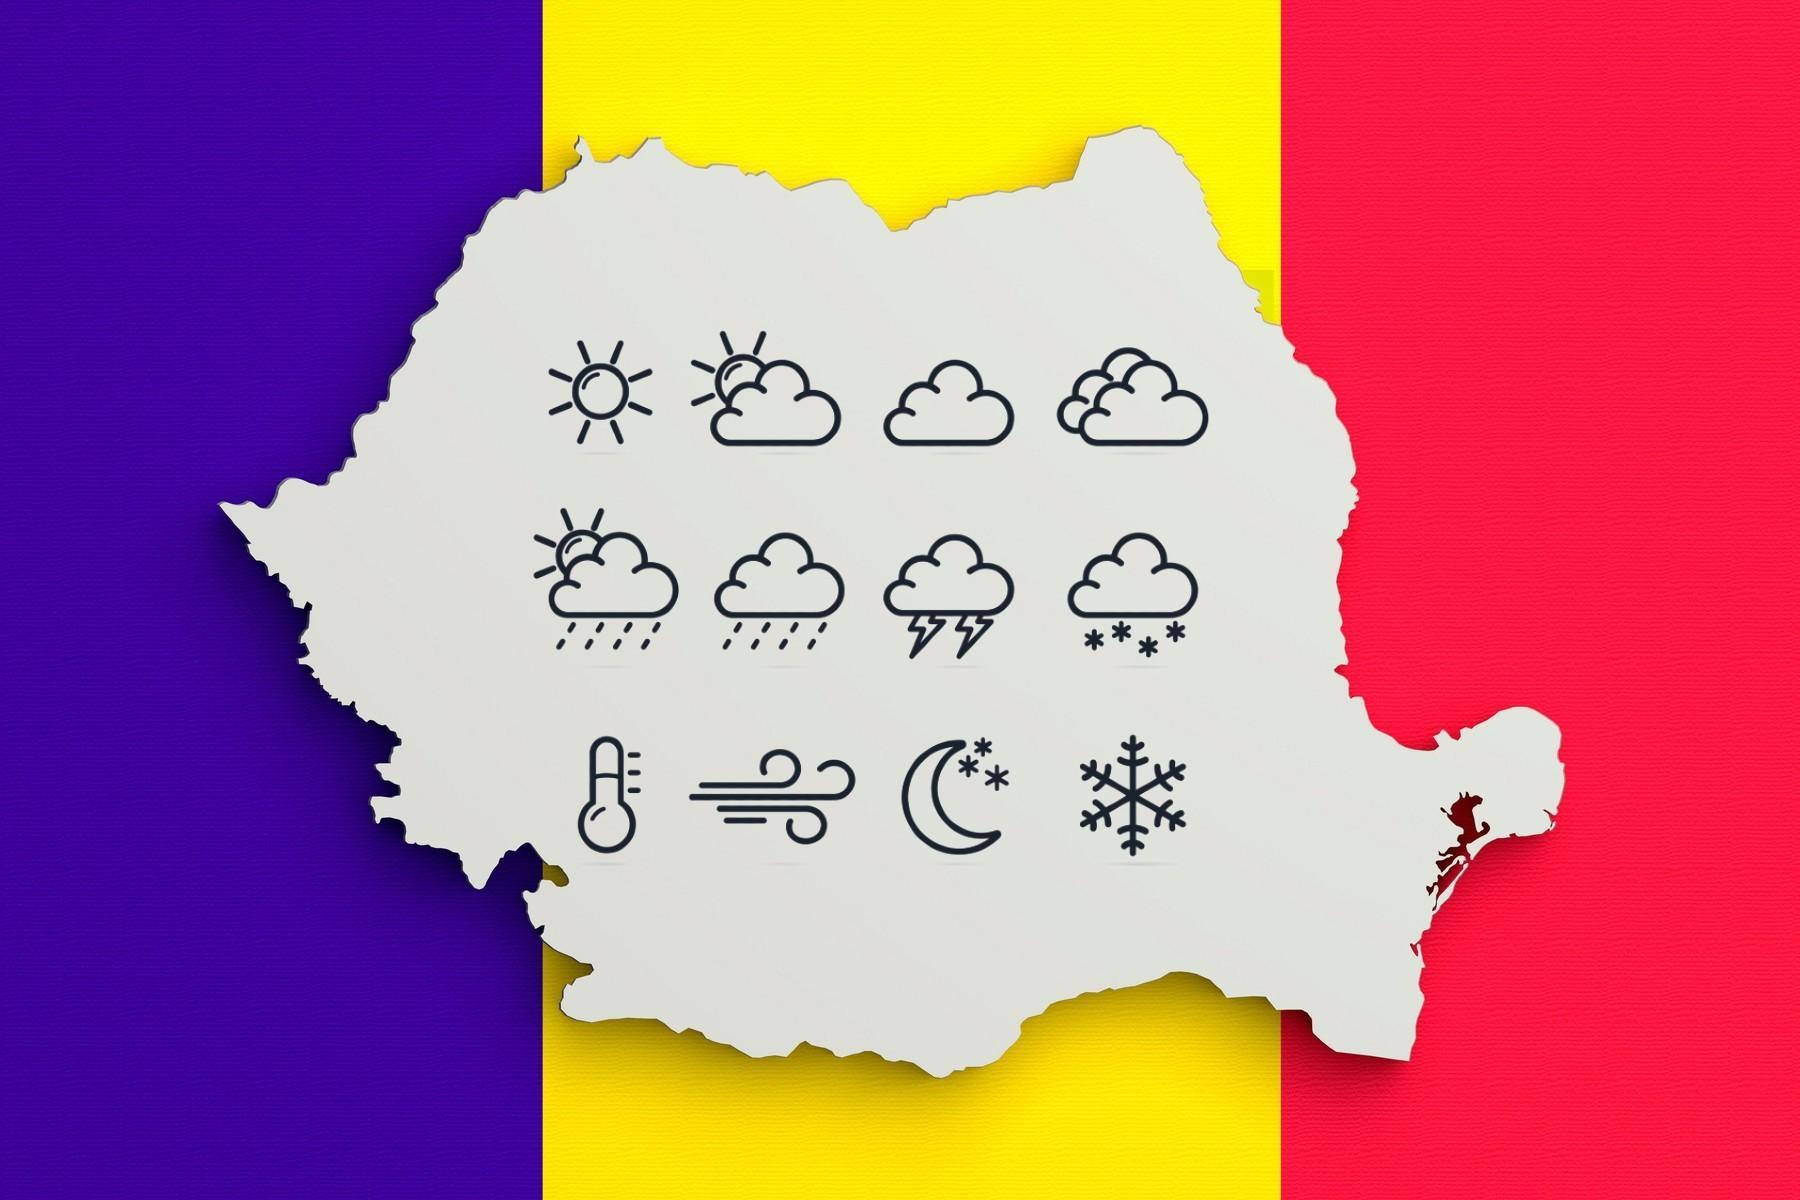 Prognoza meteo, 16 aprilie 2021. Cum va fi vremea în România și care sunt previziunile ANM pentru astăzi